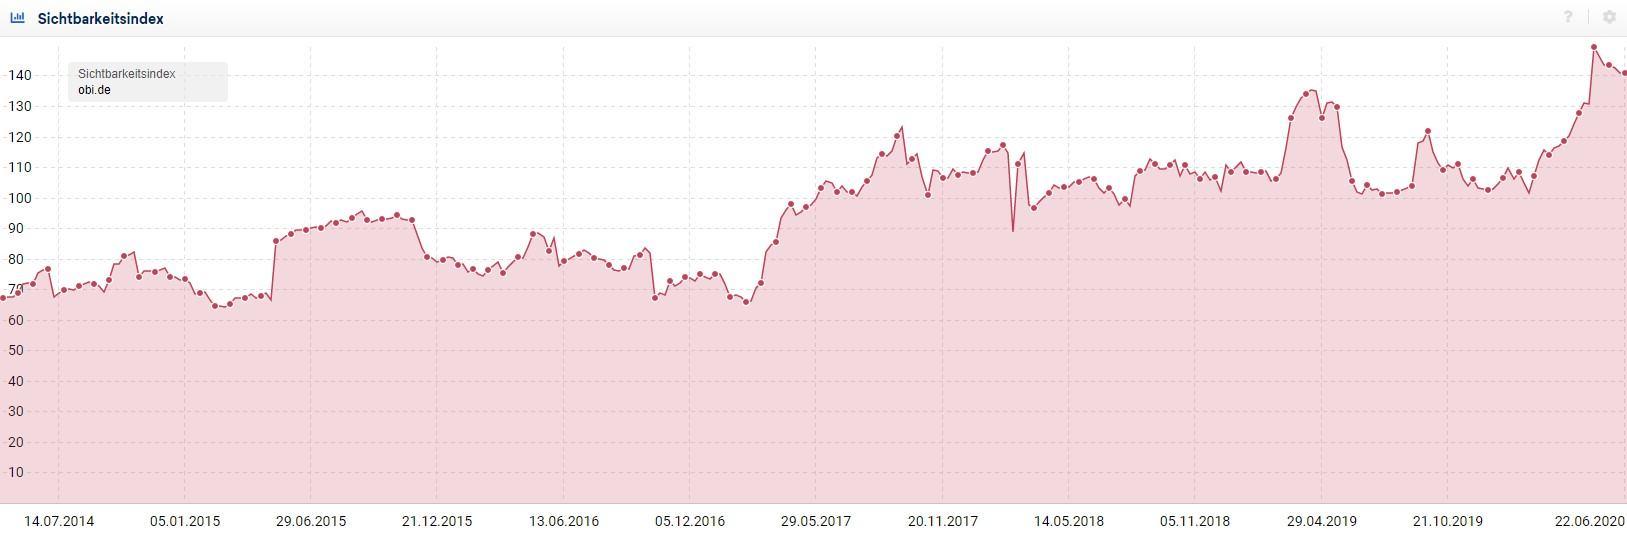 Screenshot Sistrix Steigerung des Sichbarkeitsindex